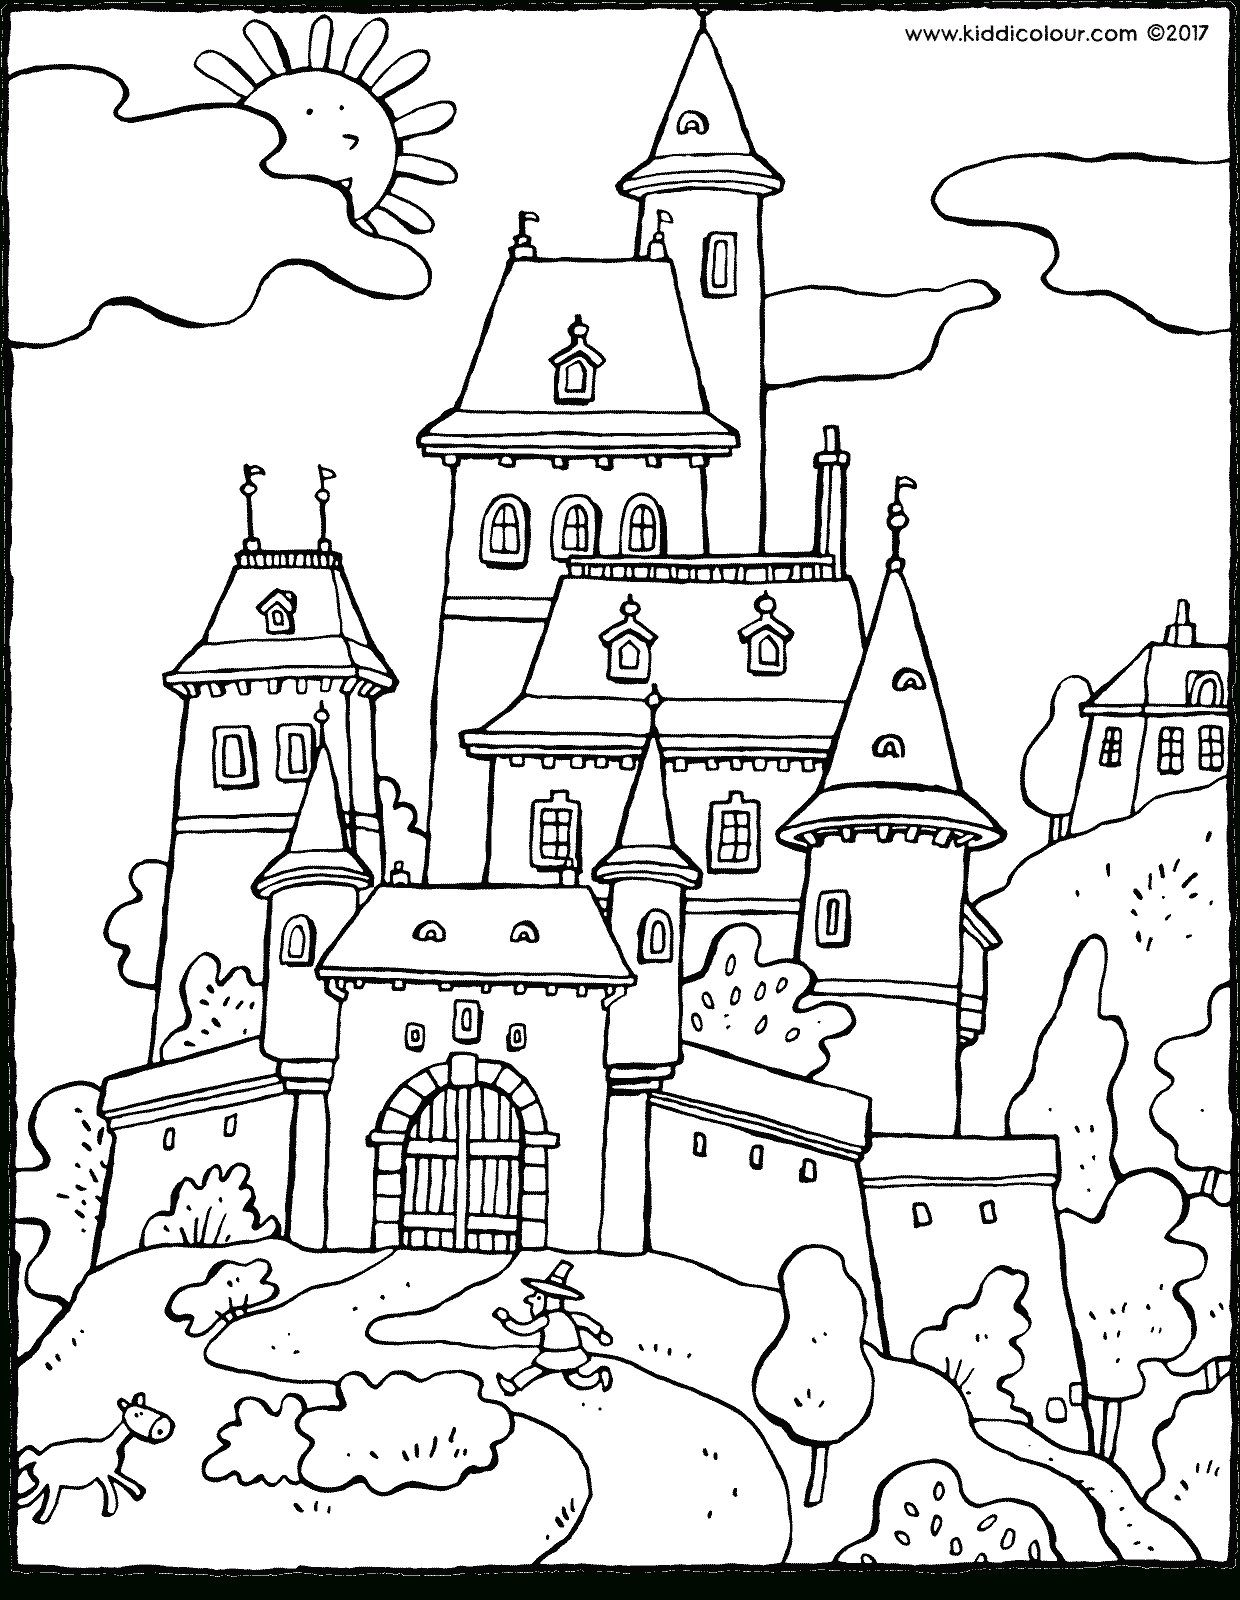 Châteaux Kleurprenten - Kiddicoloriage serapportantà Coloriage Chateau Hanté